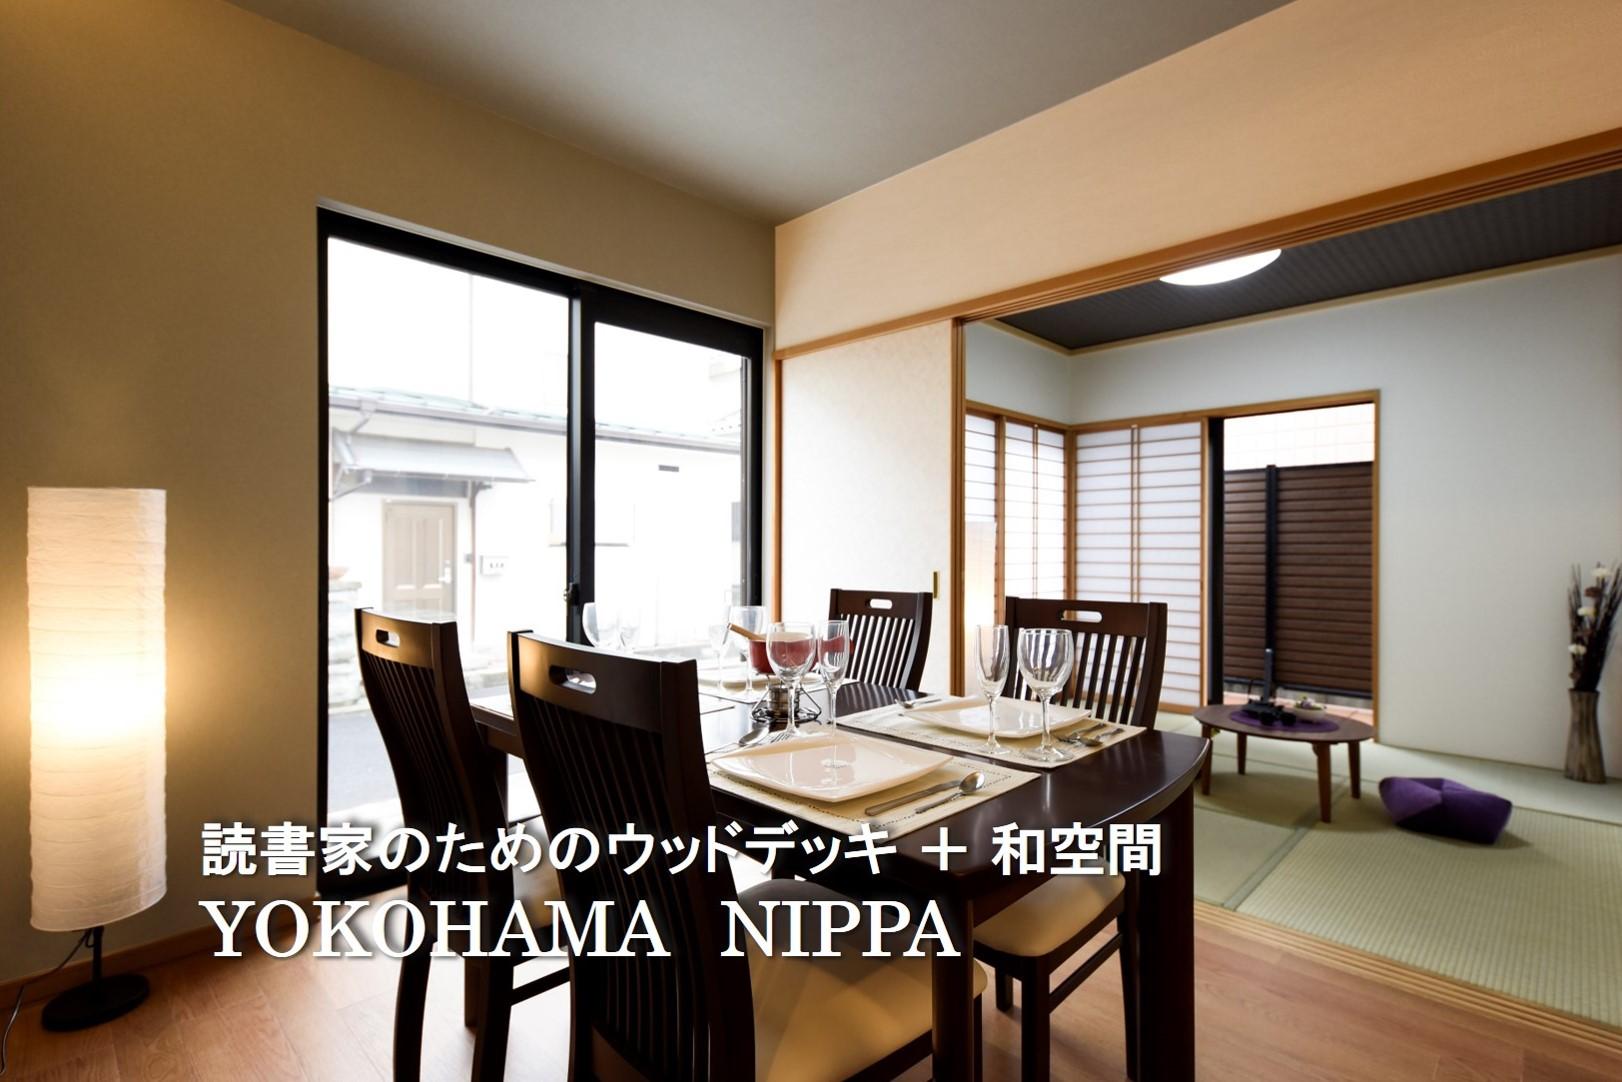 読書家のためのウッドデッキ+和空間 新羽|YOKOHAMA NIPPA